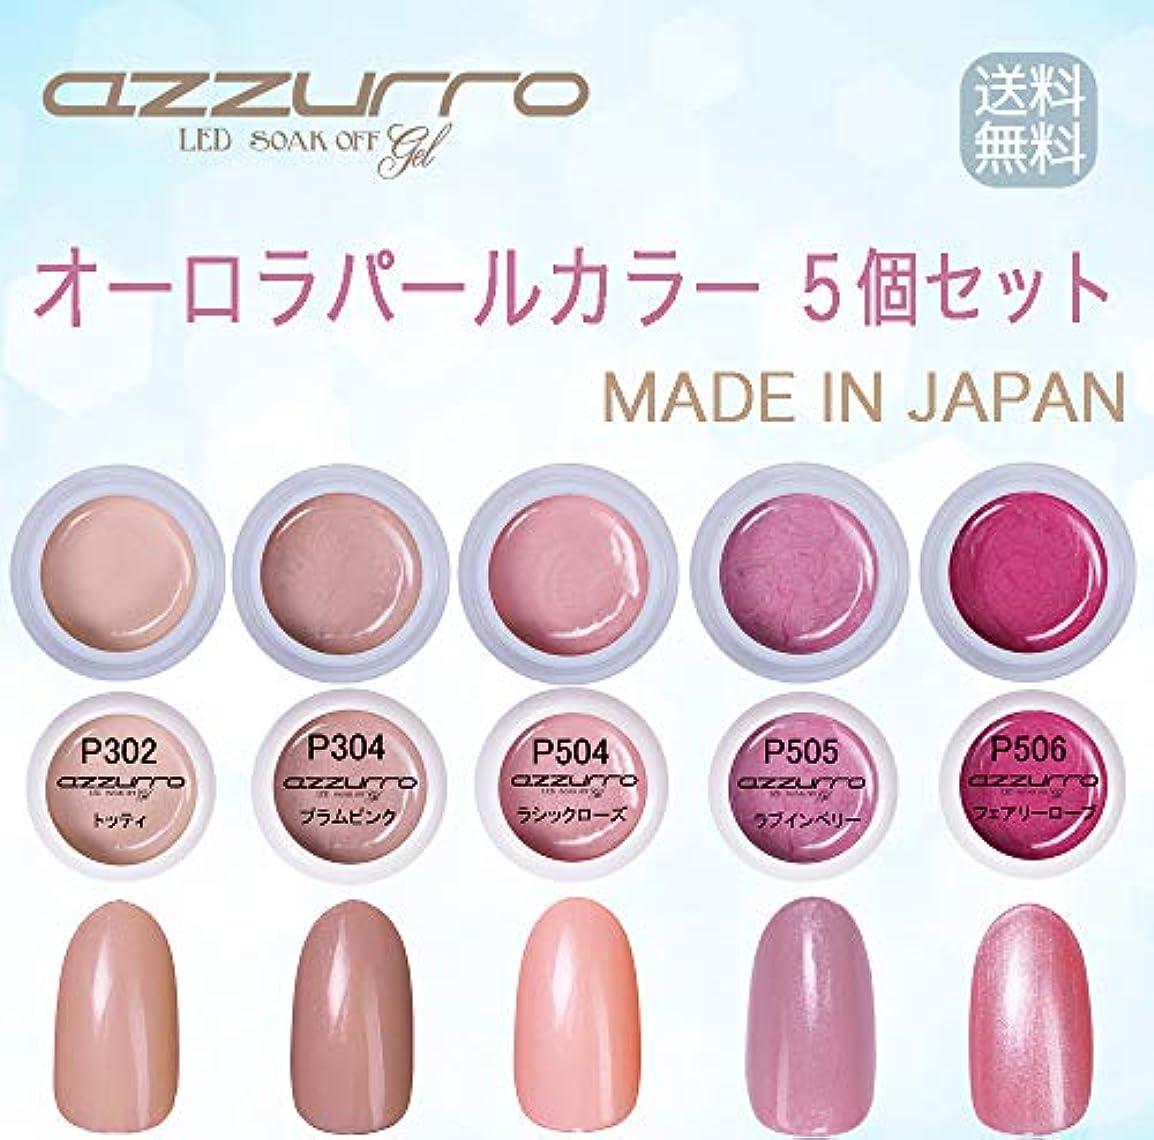 すすり泣きリール細胞【送料無料】日本製 azzurro gel オーロラパール ジェル5個セット 上品な輝きのパールカラー